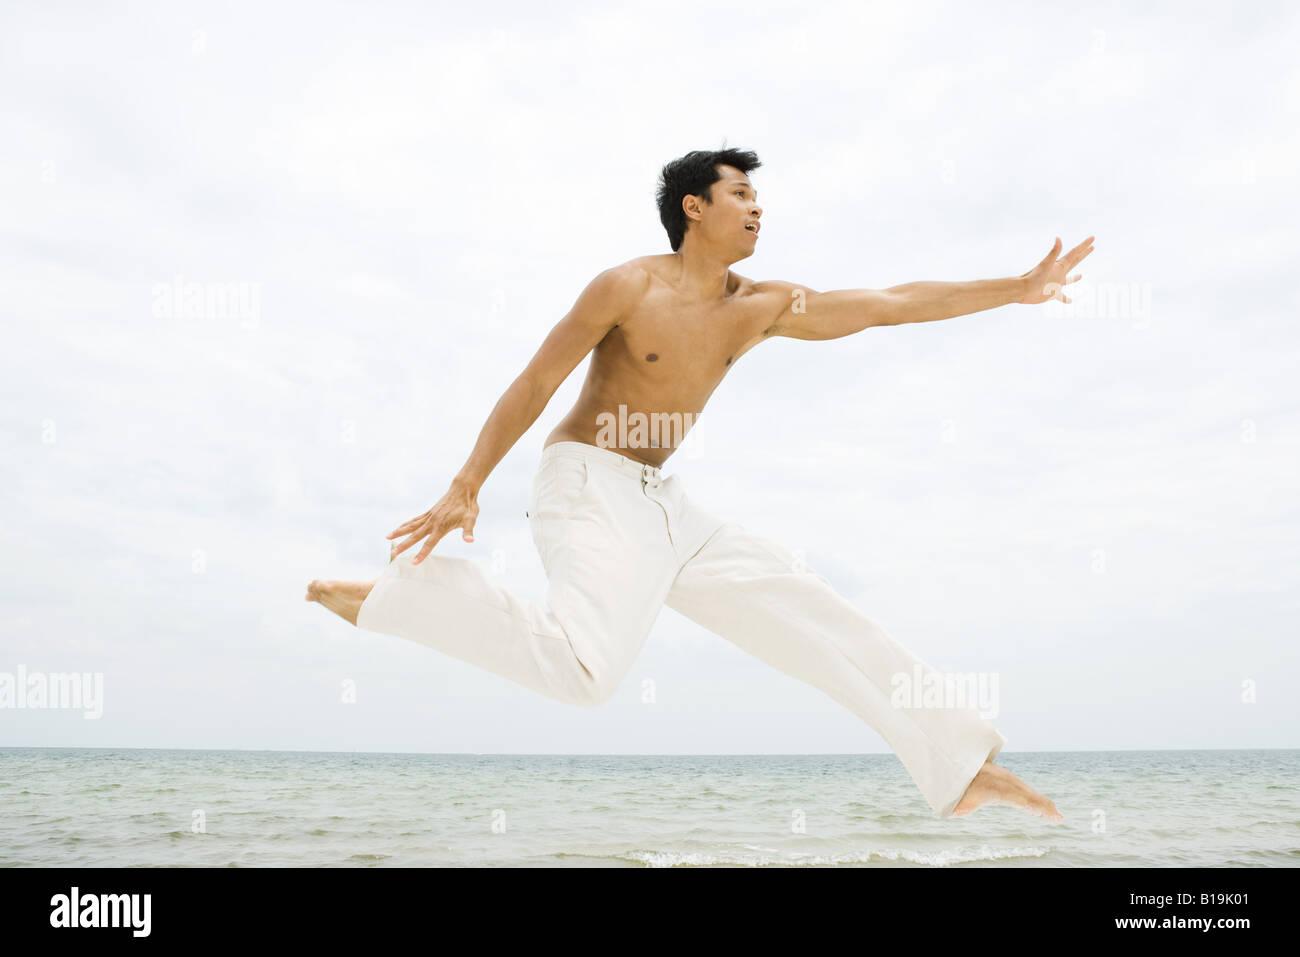 L'homme en sautant en l'air, vue de côté, l'océan en arrière-plan Photo Stock